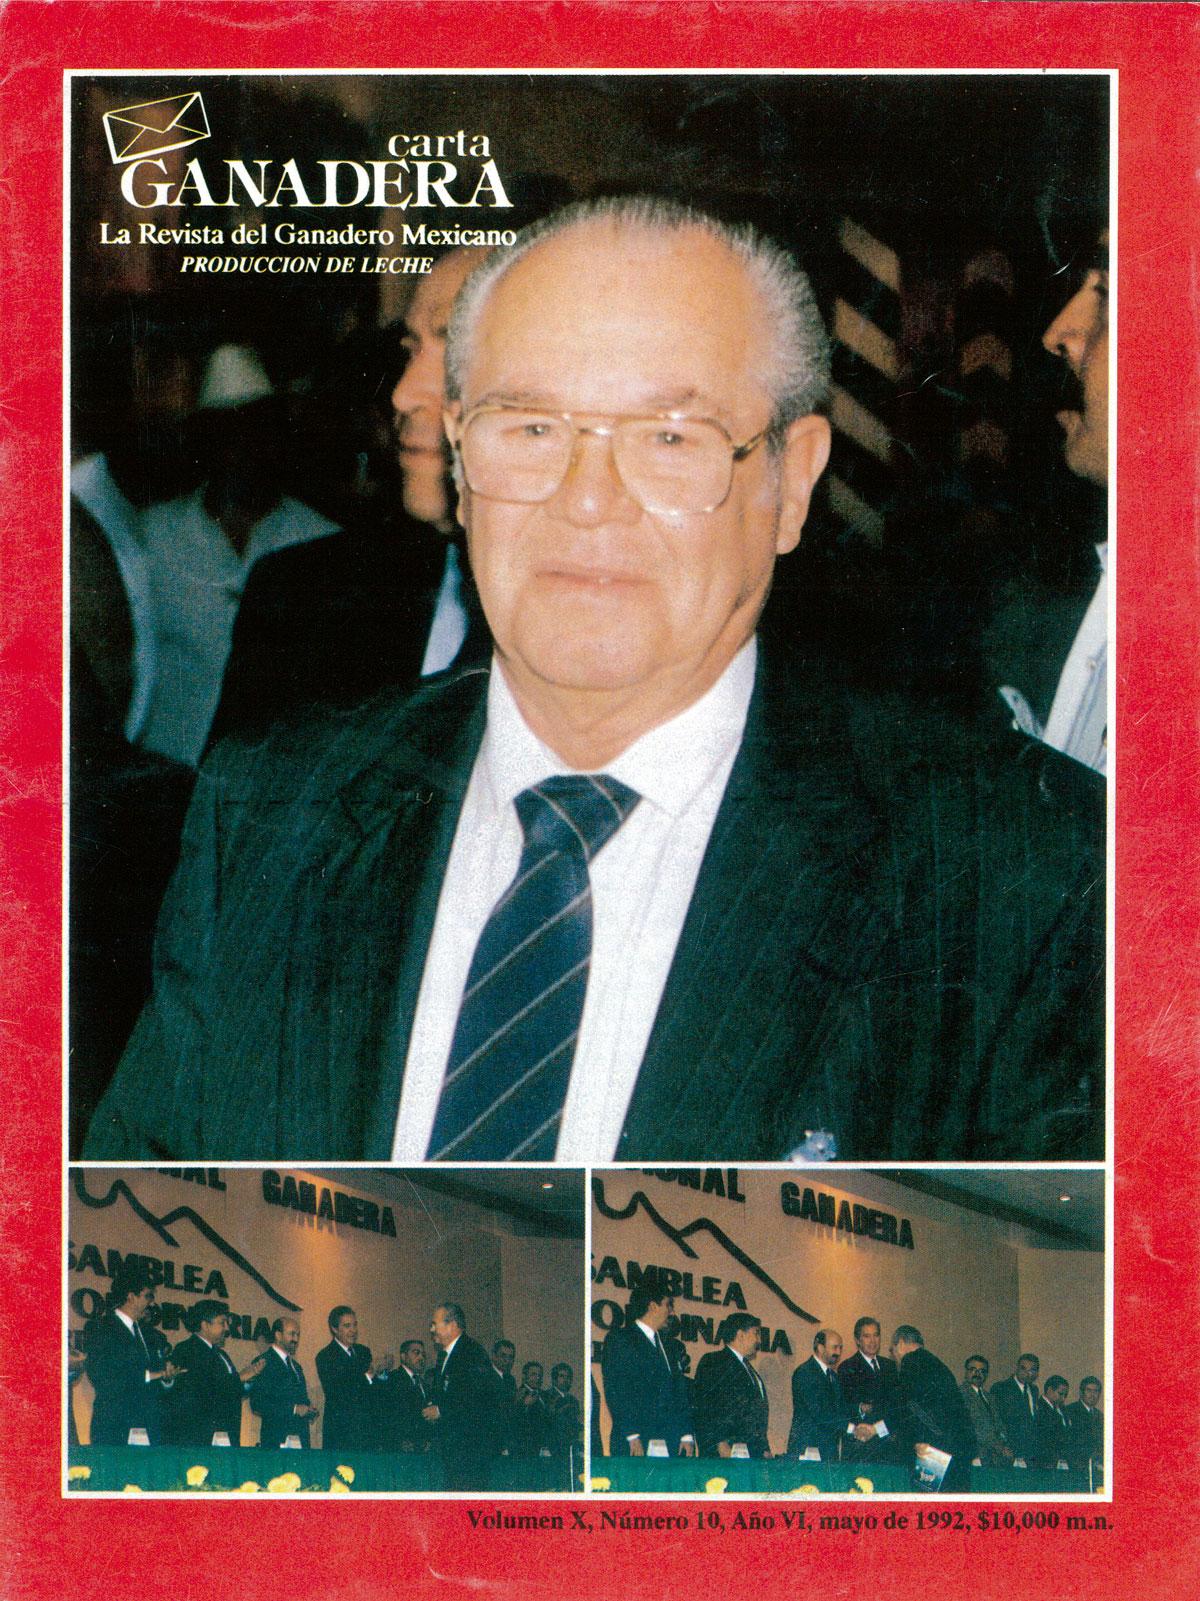 « LEYENDA DE LA GANADERÍA NACIONAL